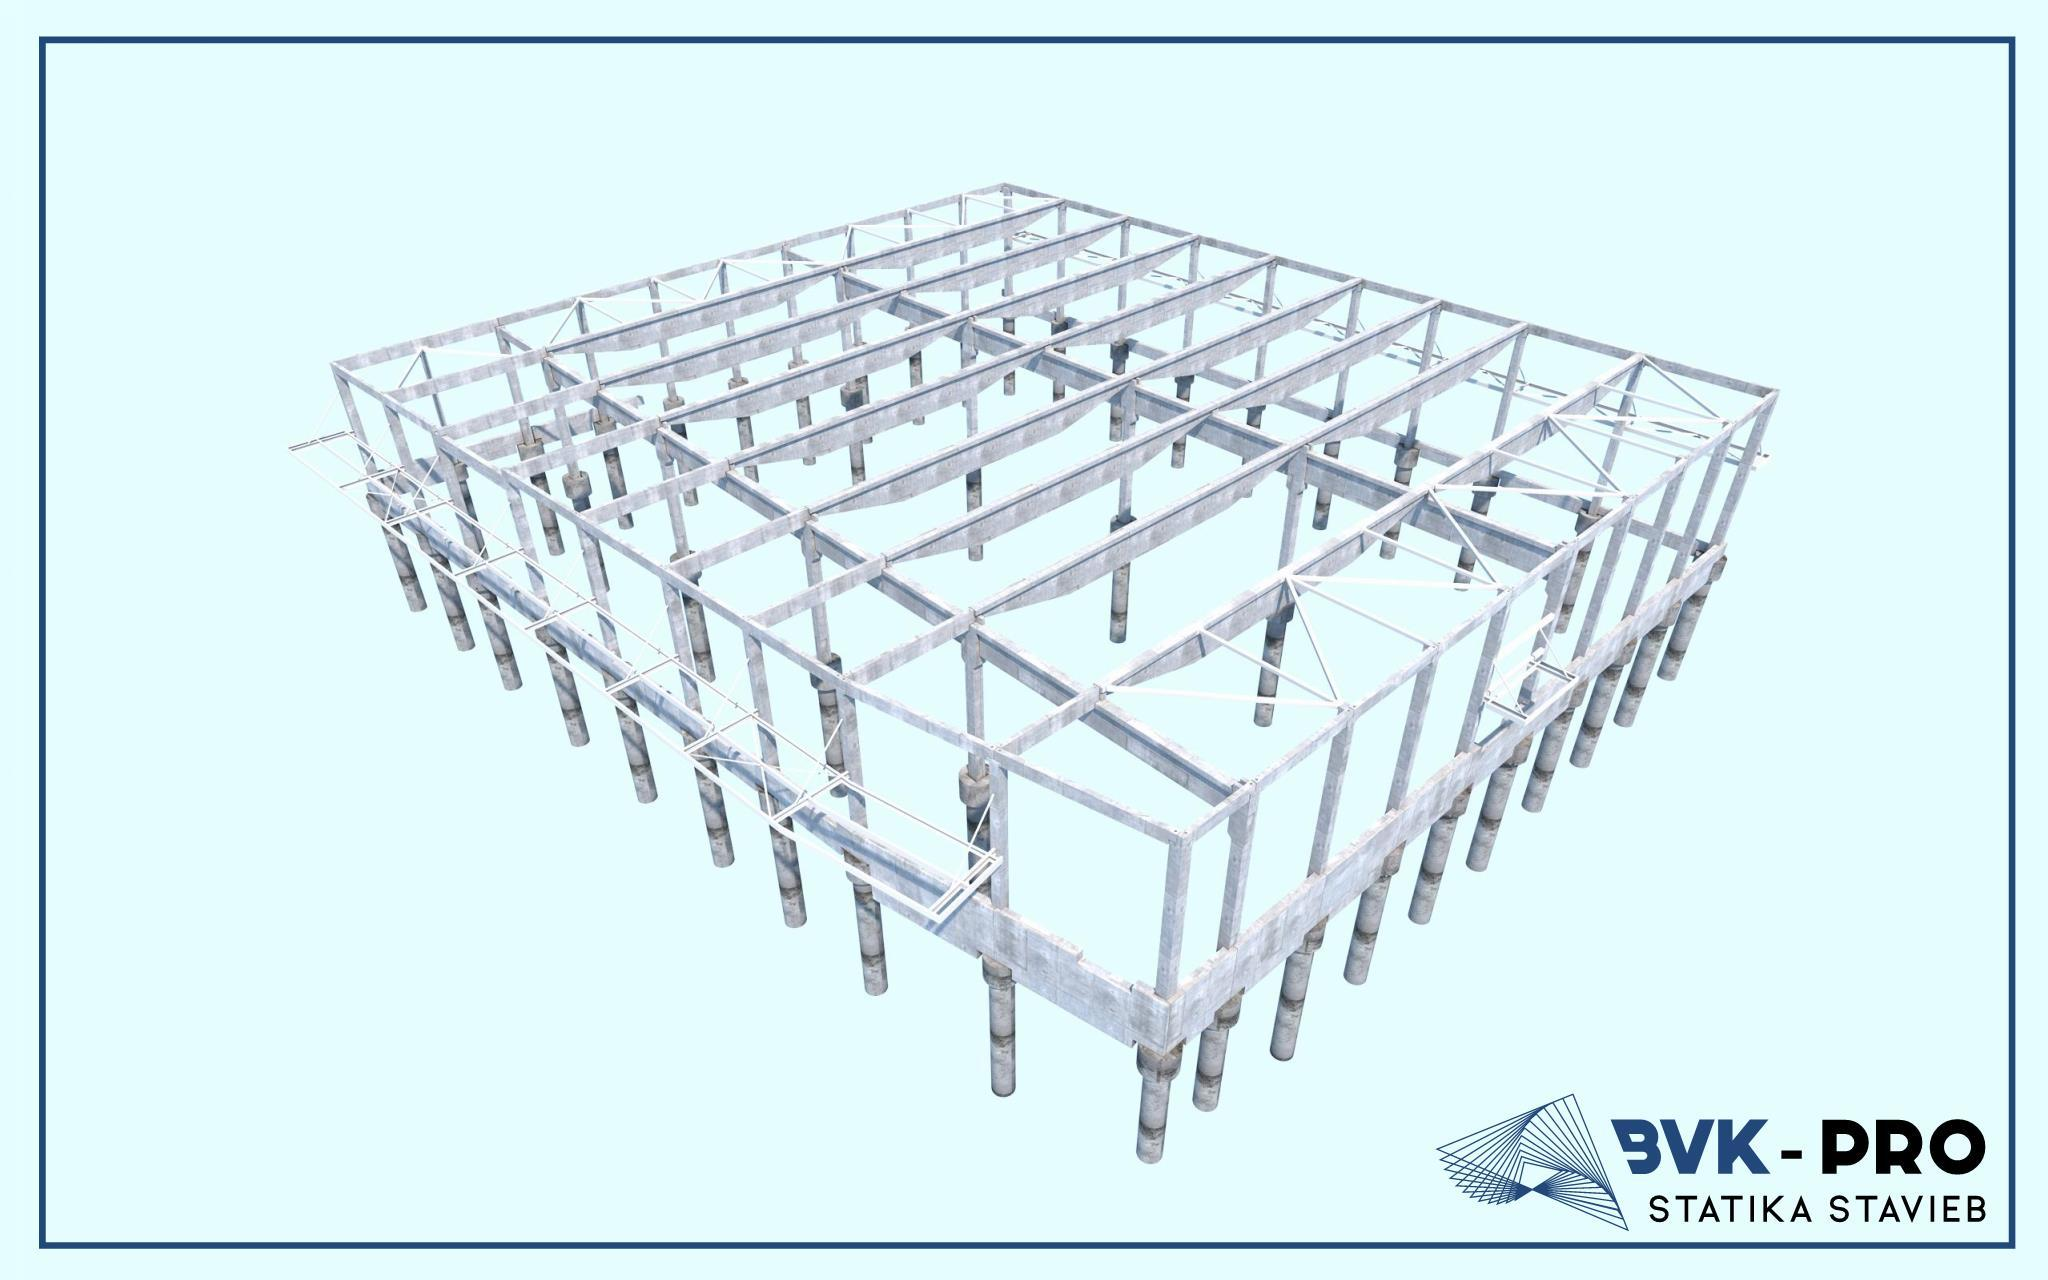 19 066 E Box Banská Bystrica Bvk Pro S R O  Page 002